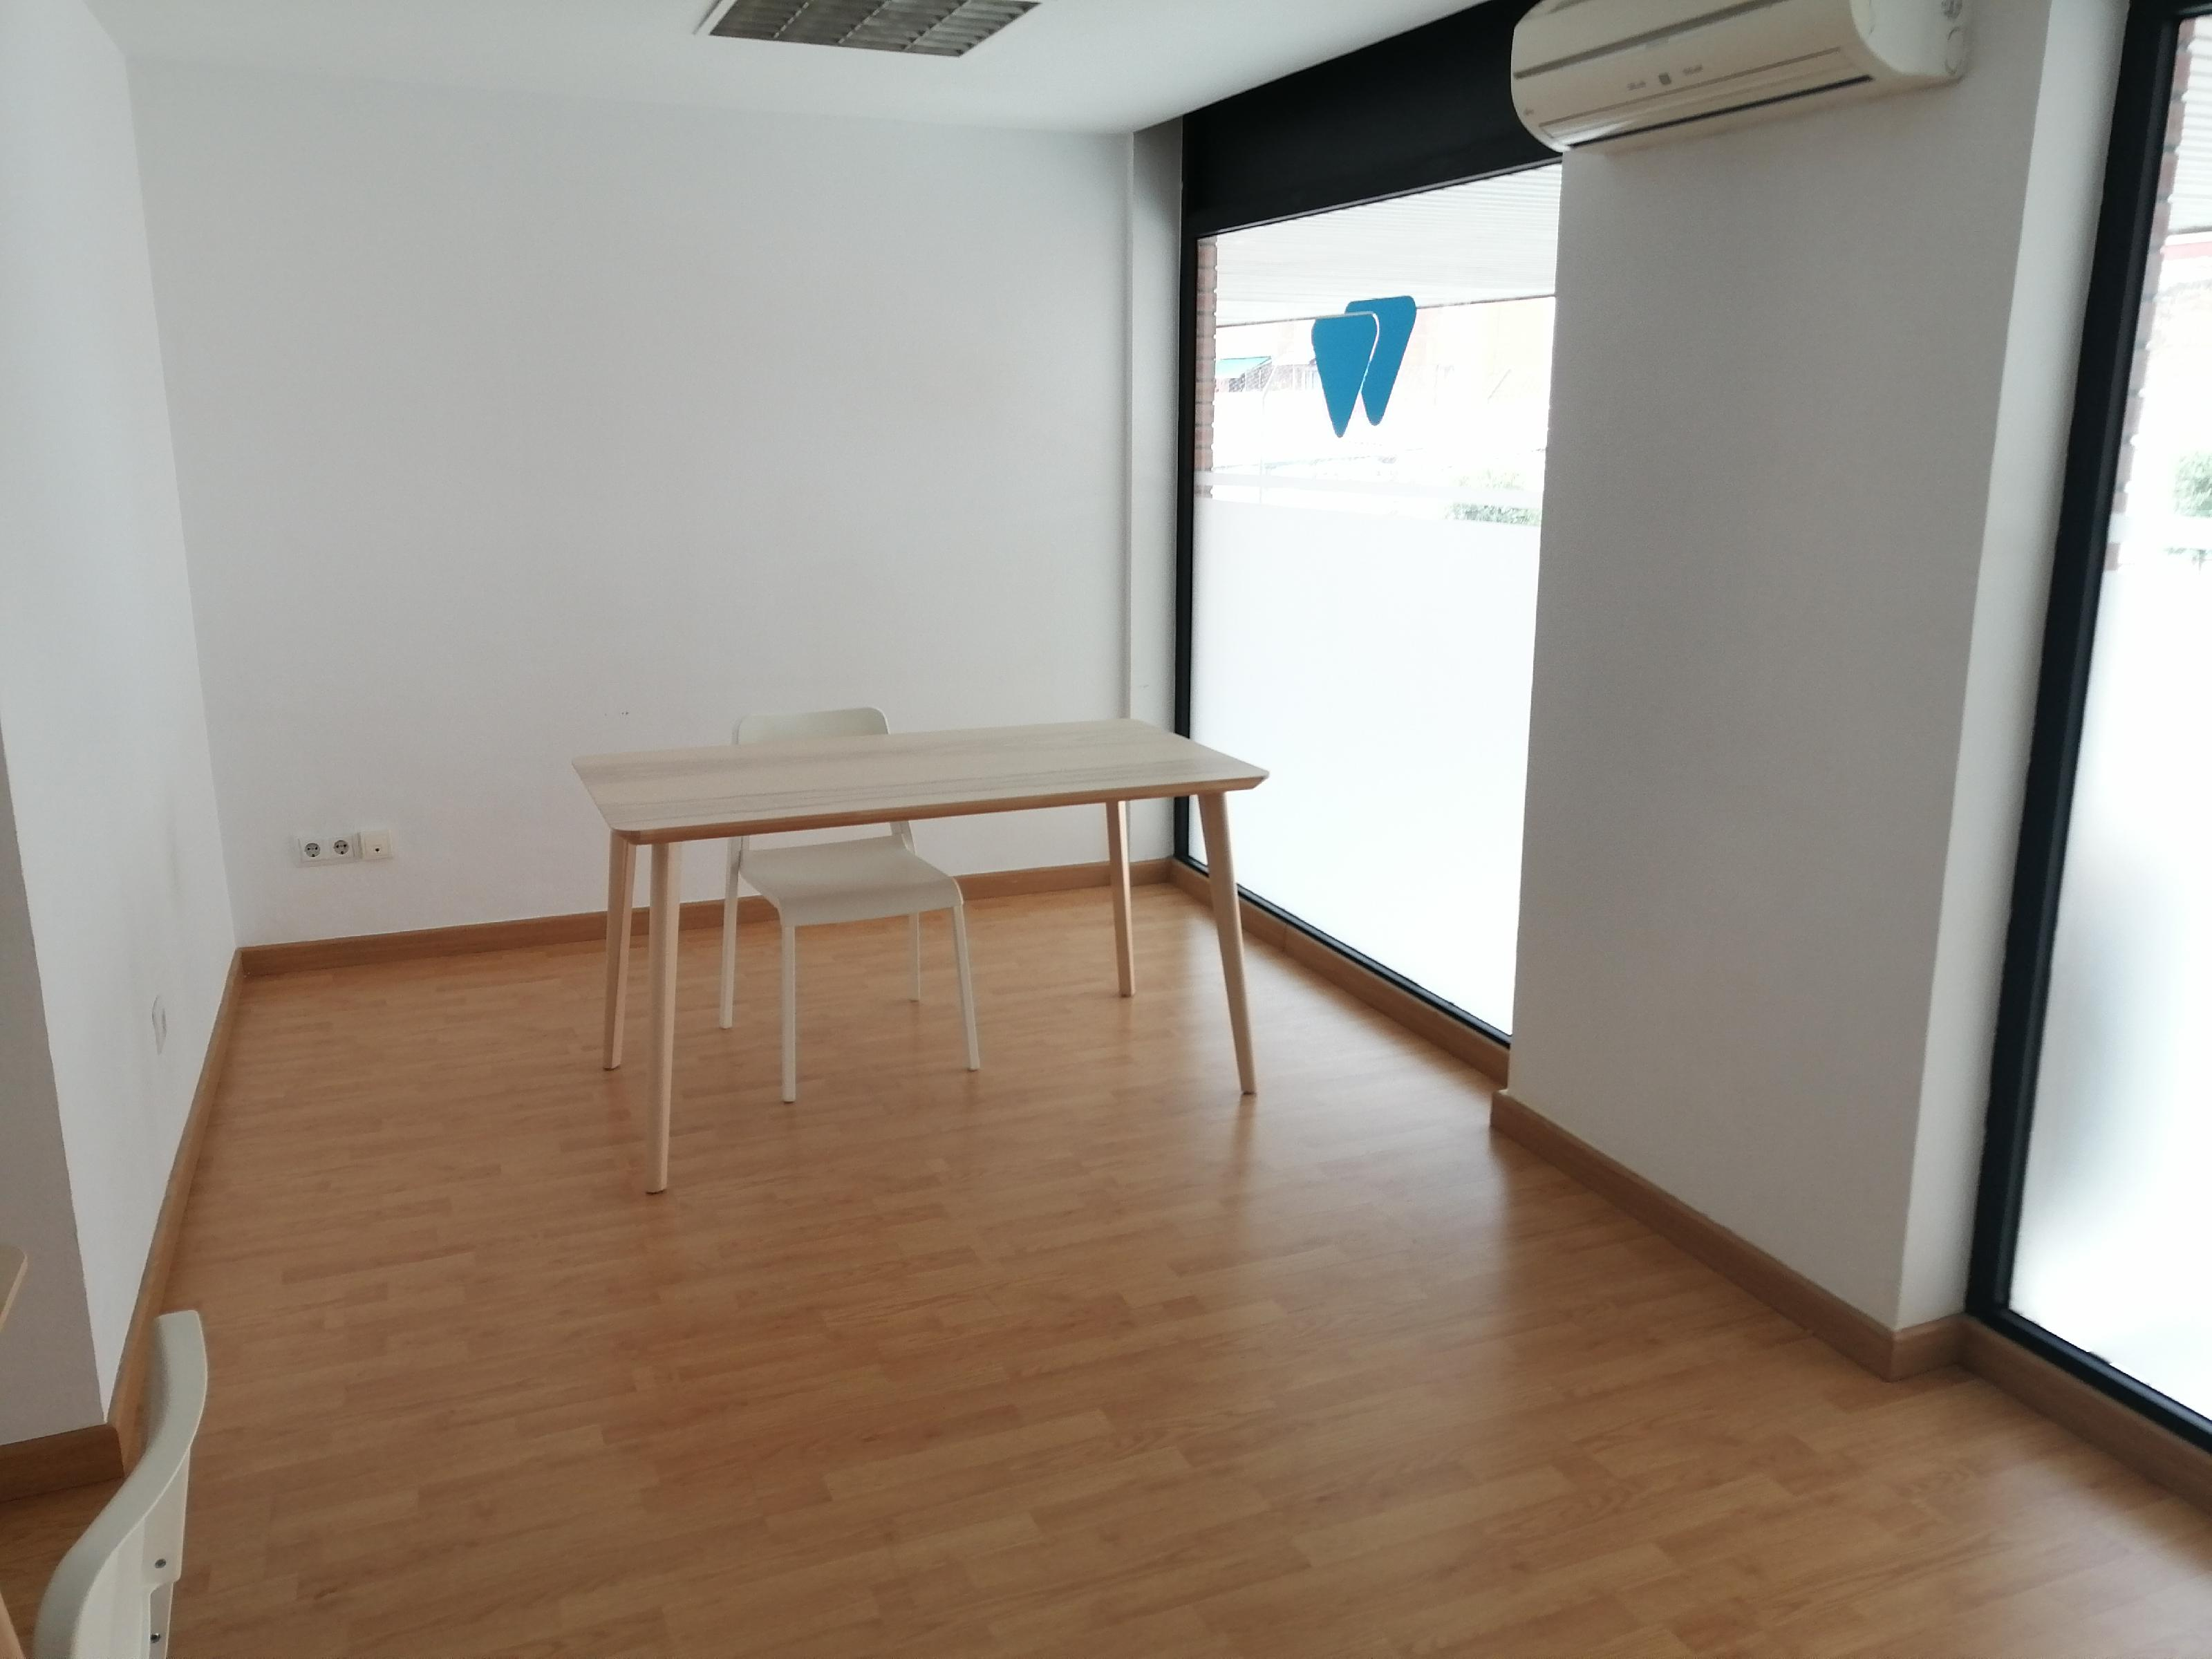 Imagen 1 Local Comercial en alquiler en Esplugues De Llobregat / Junto casal de cultura Robert Brillas